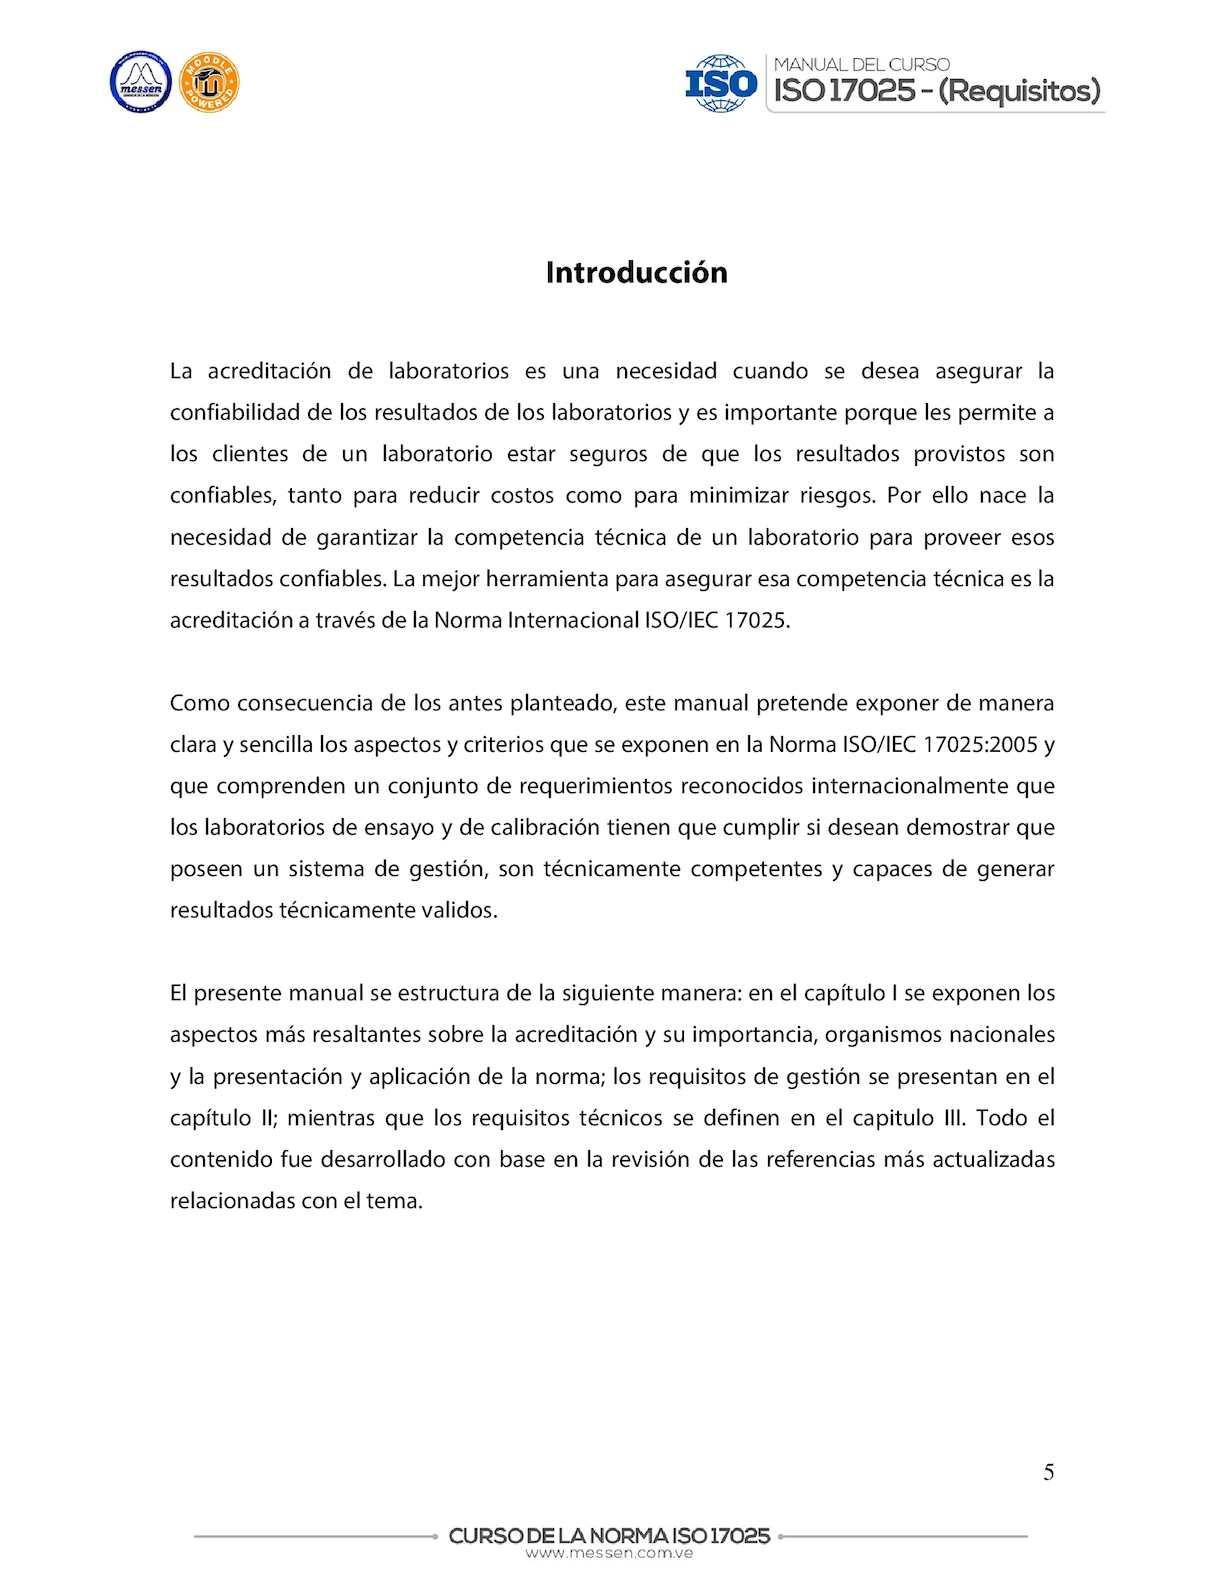 Famoso Habilidades De Laboratorio Reanudar Adorno - Ejemplo De ...